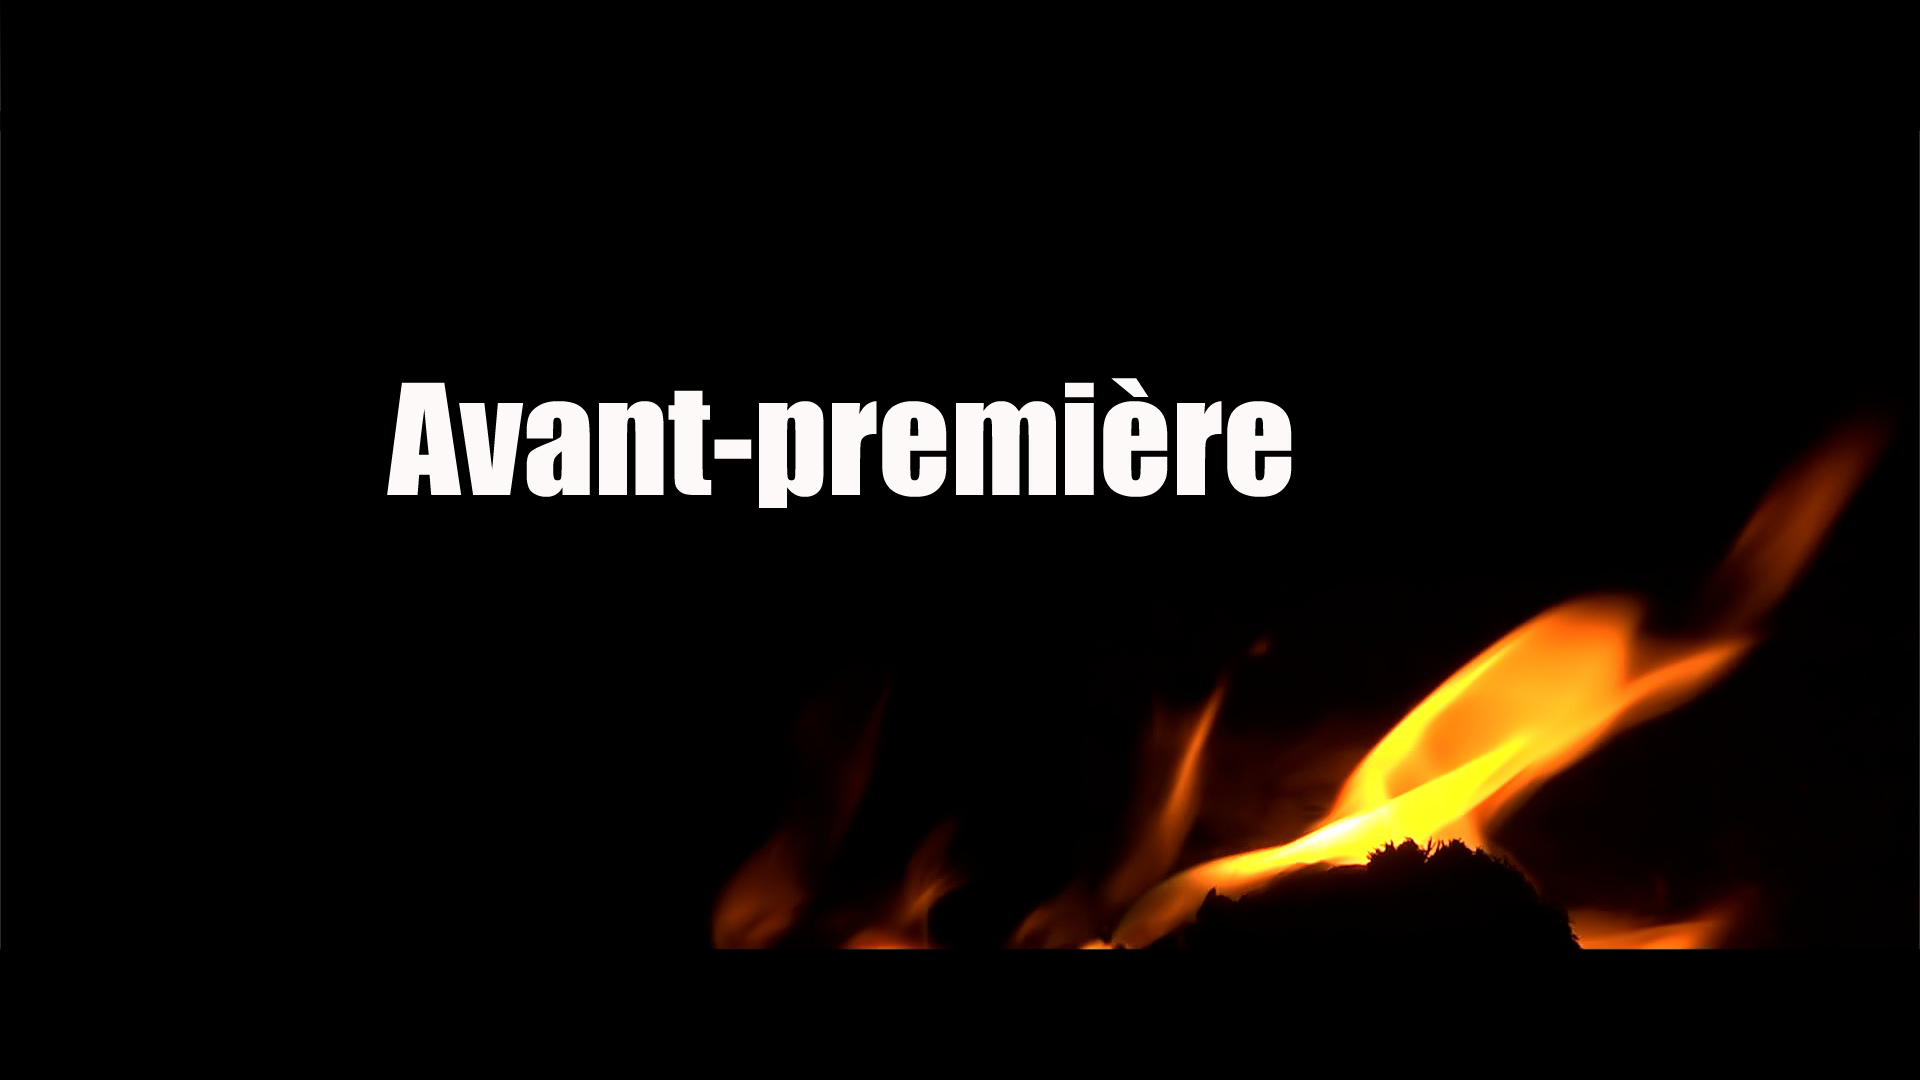 feu8_Avant-premie_re-1479490940.JPG